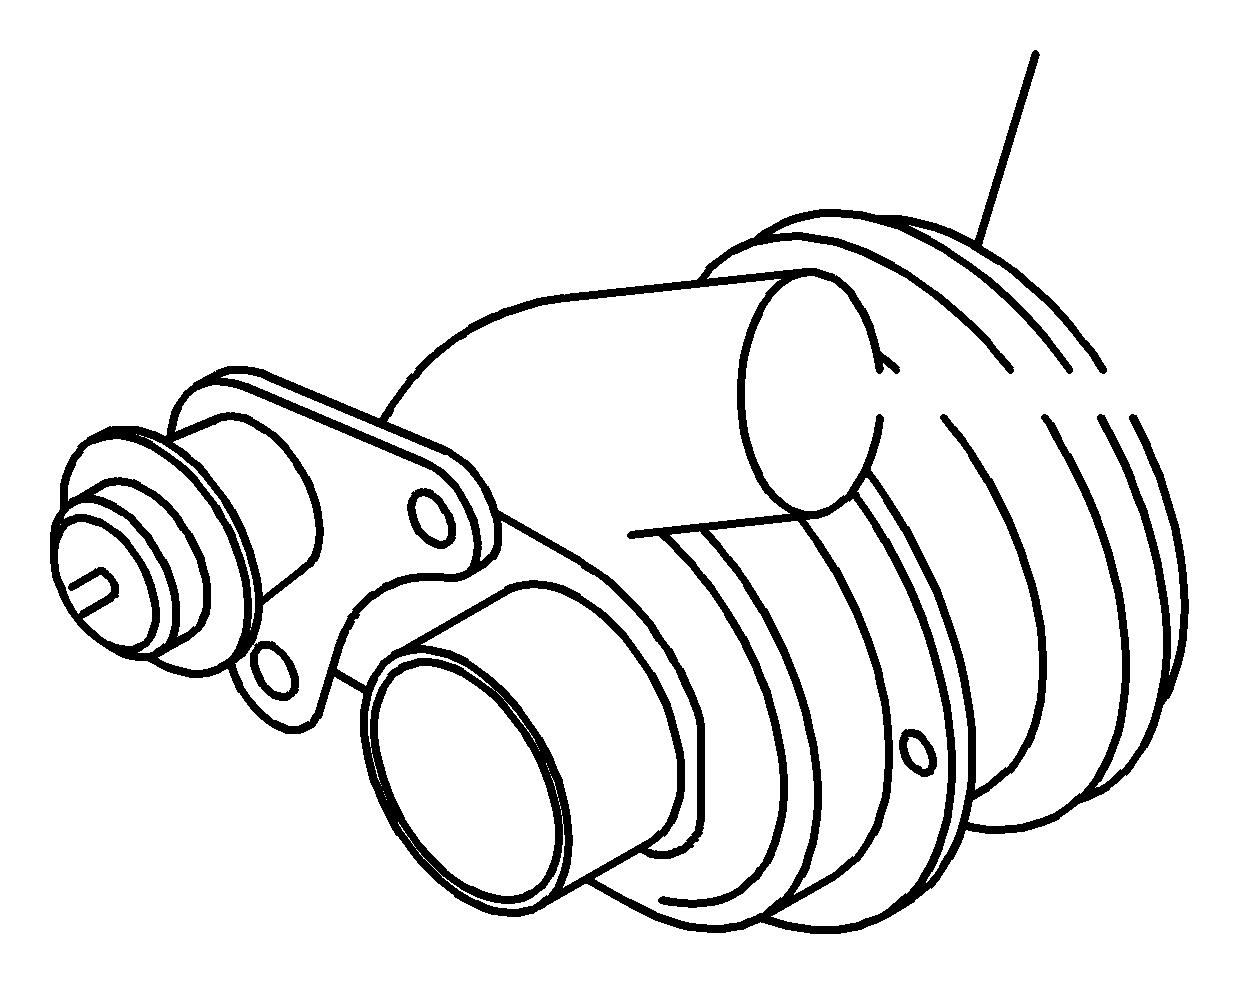 Isuzu Npr Hd Turbocharger As Engine